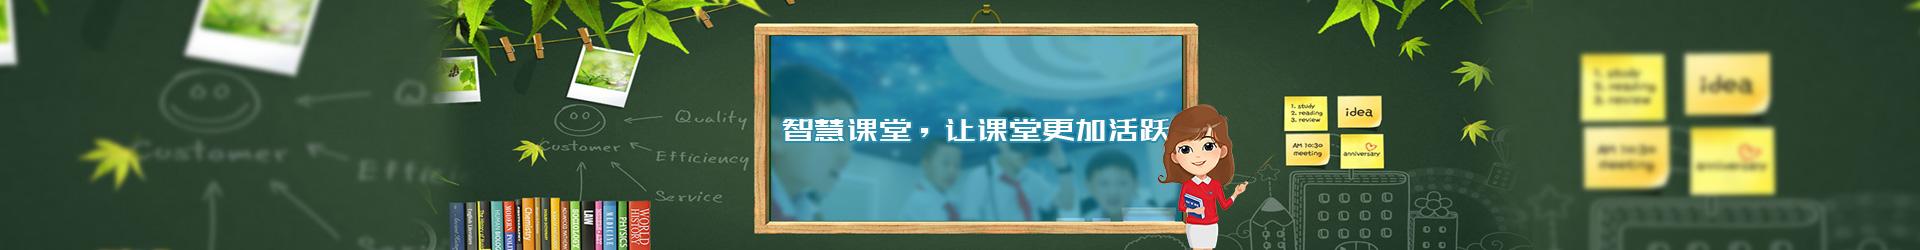 北京课堂互动